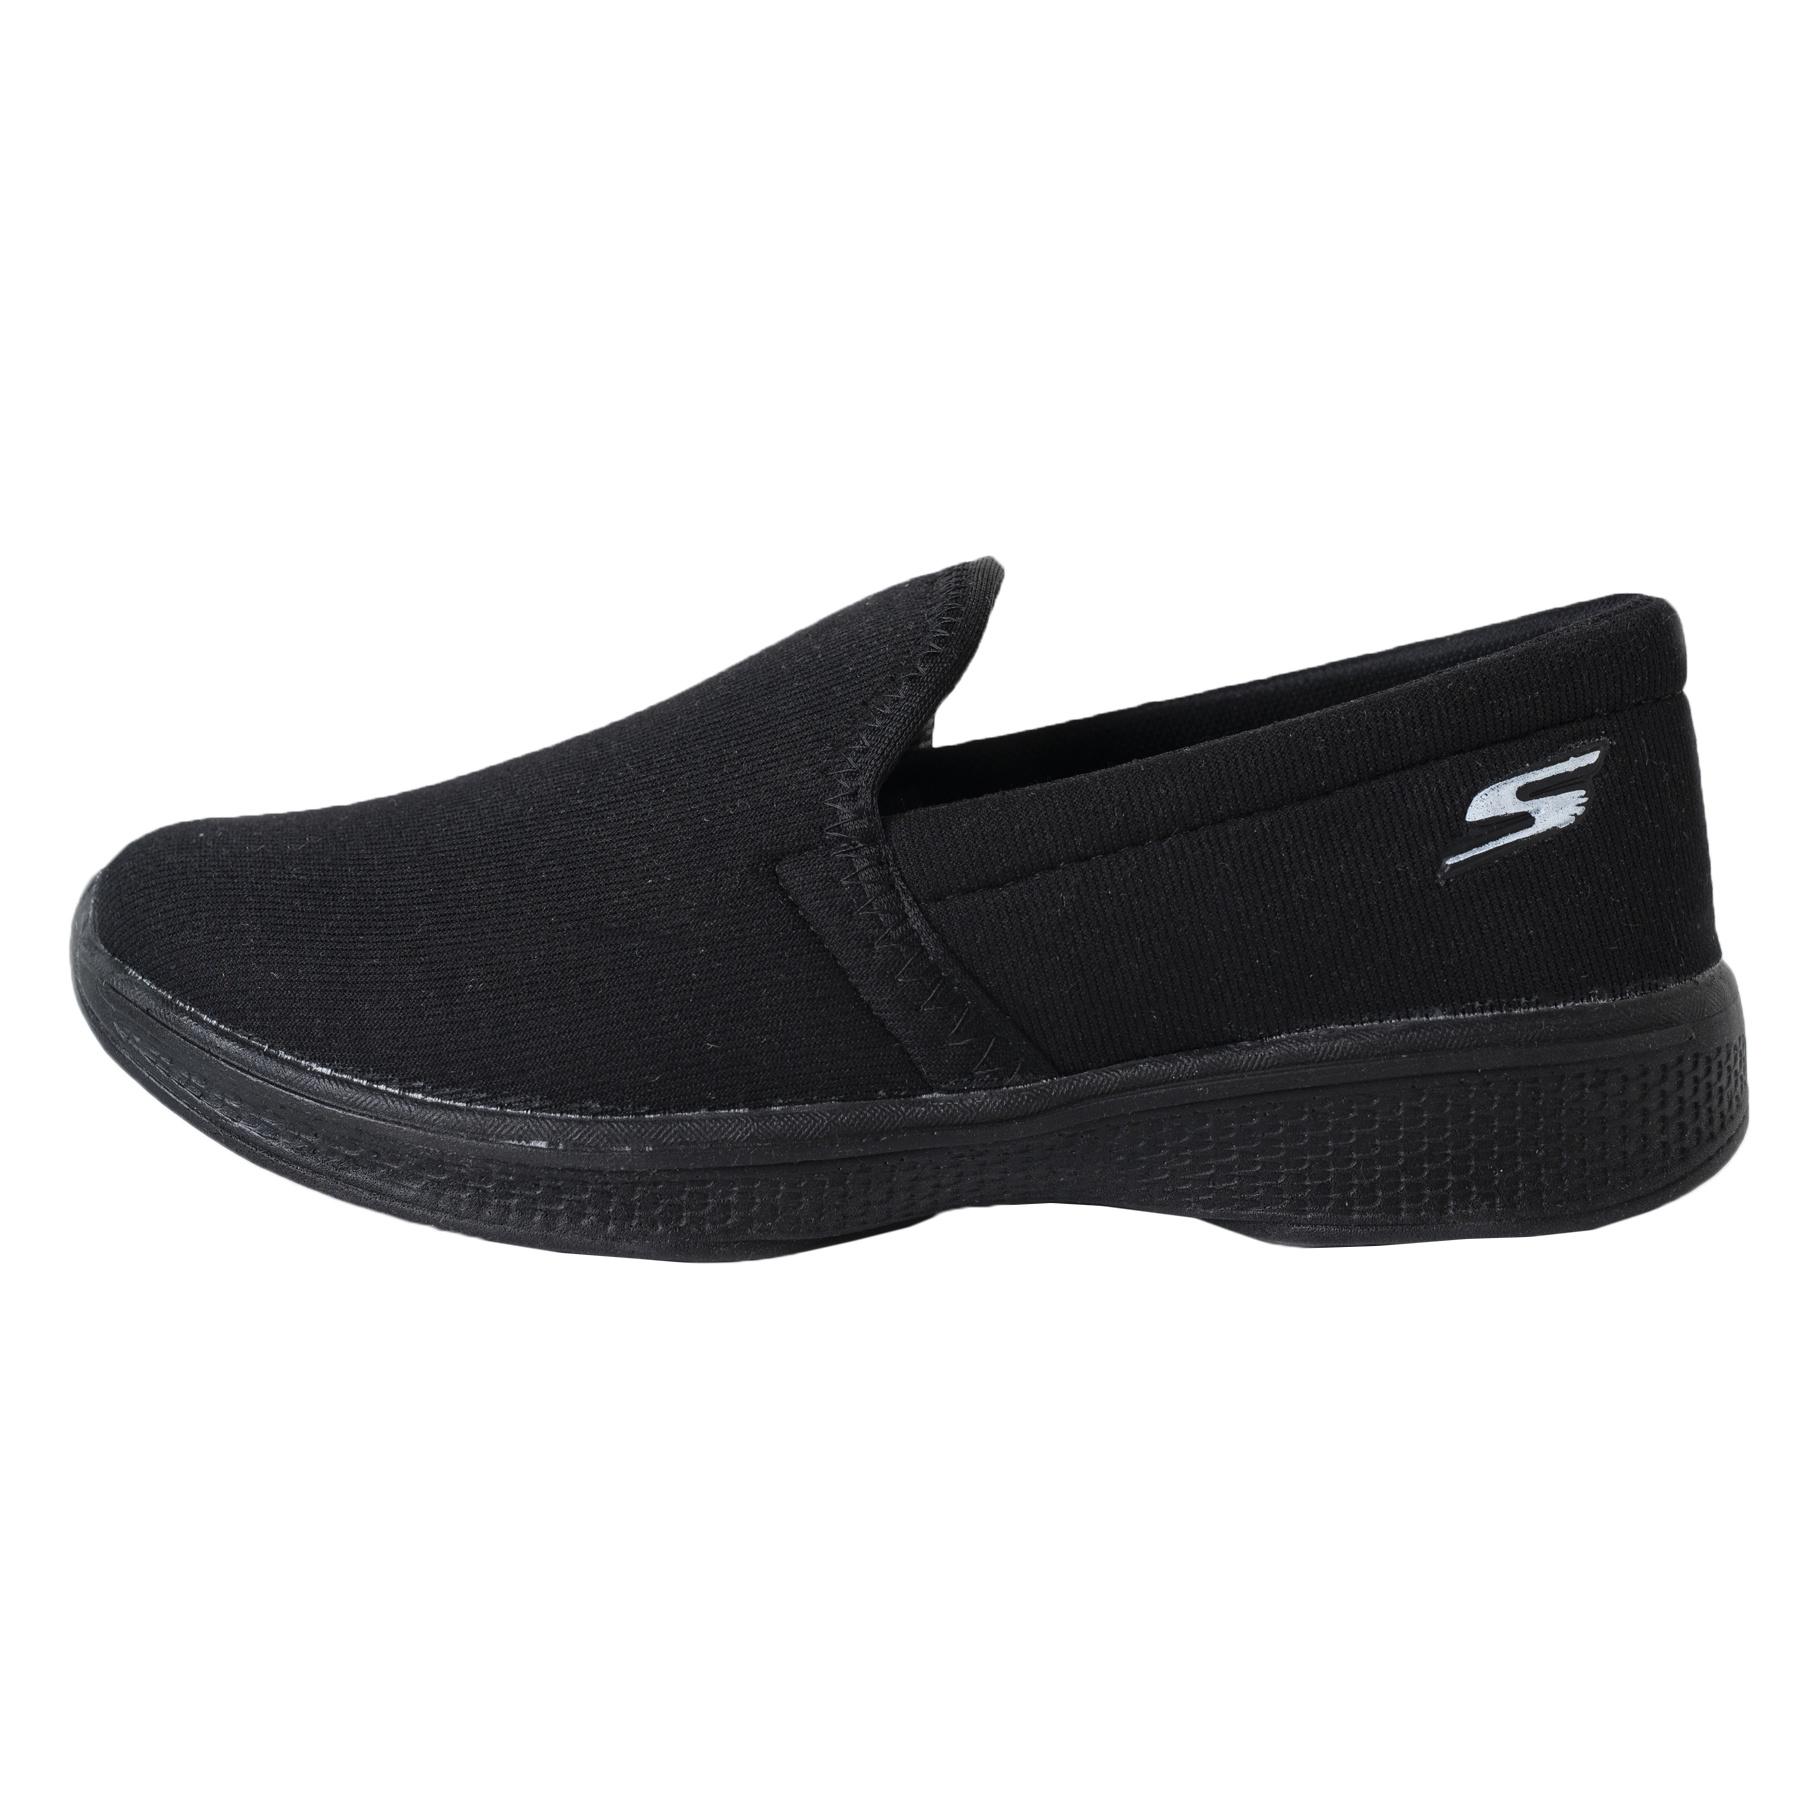 کفش مخصوص پیاده روی زنانه کد 733-522